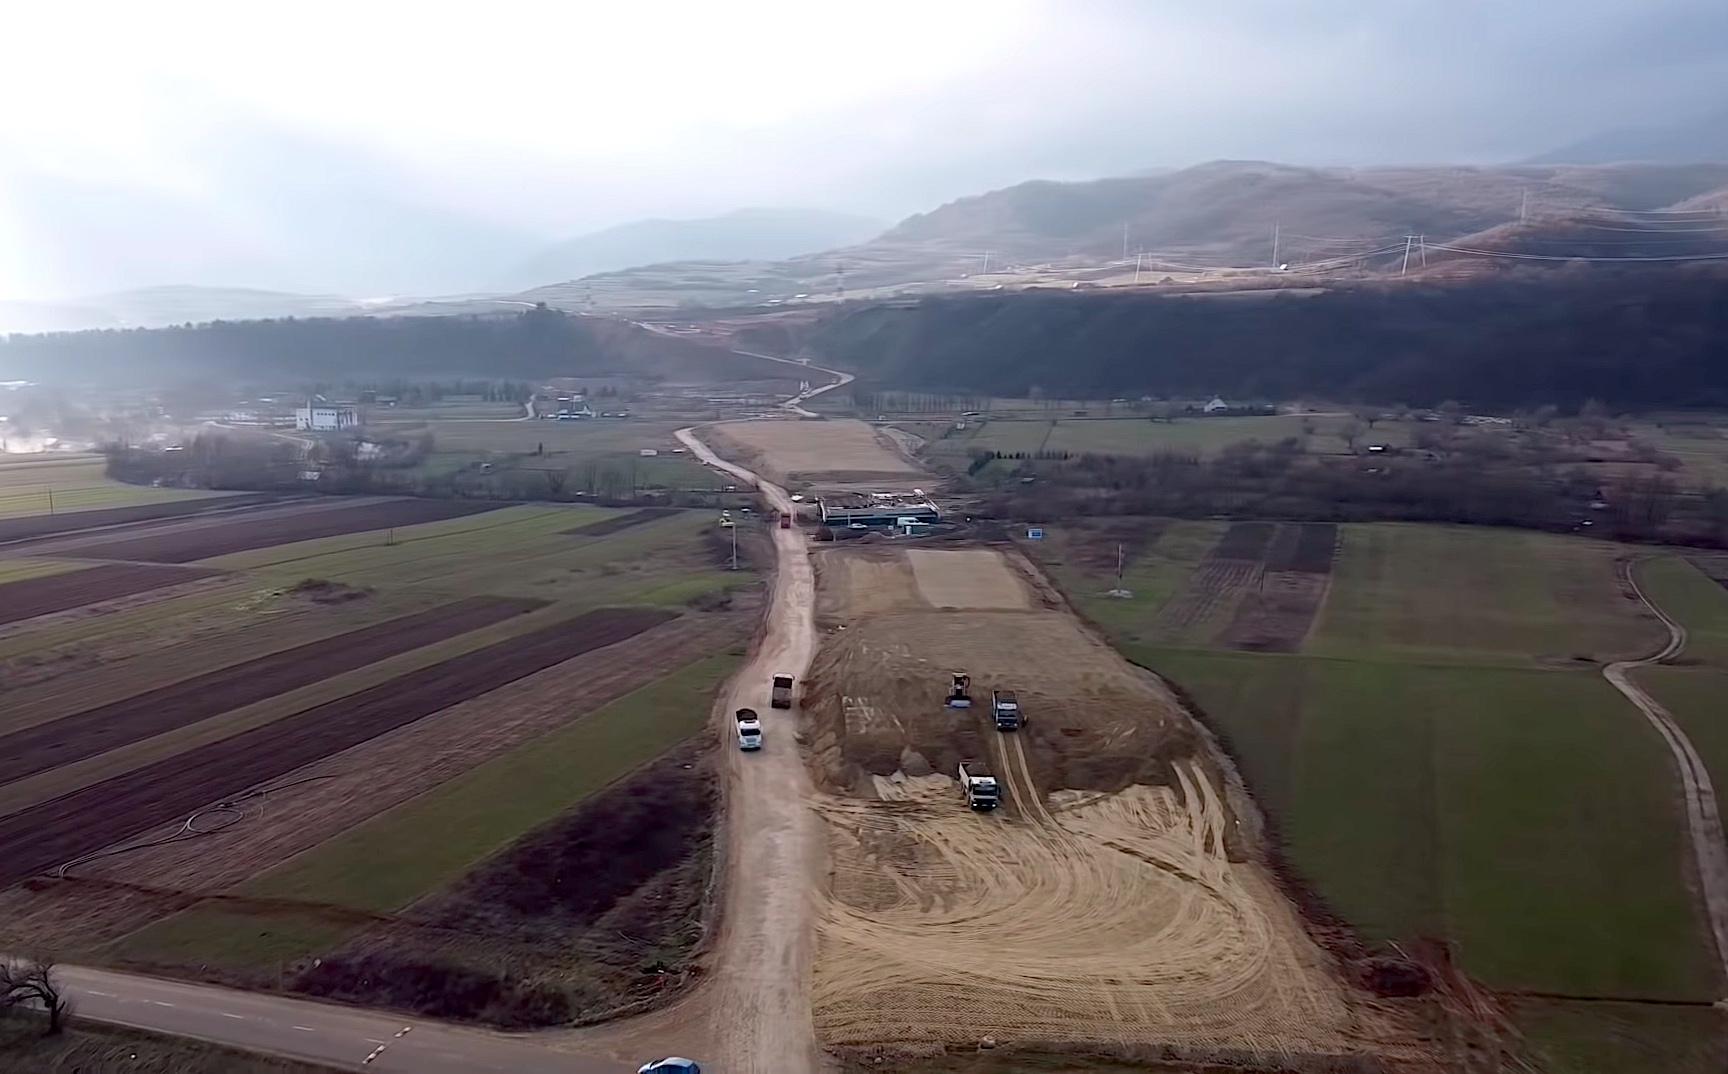 Mulți turci și chinezi: 11 oferte au fost depuse pentru cea de-a doua secțiune a autostrăzii Sibiu - Pitești